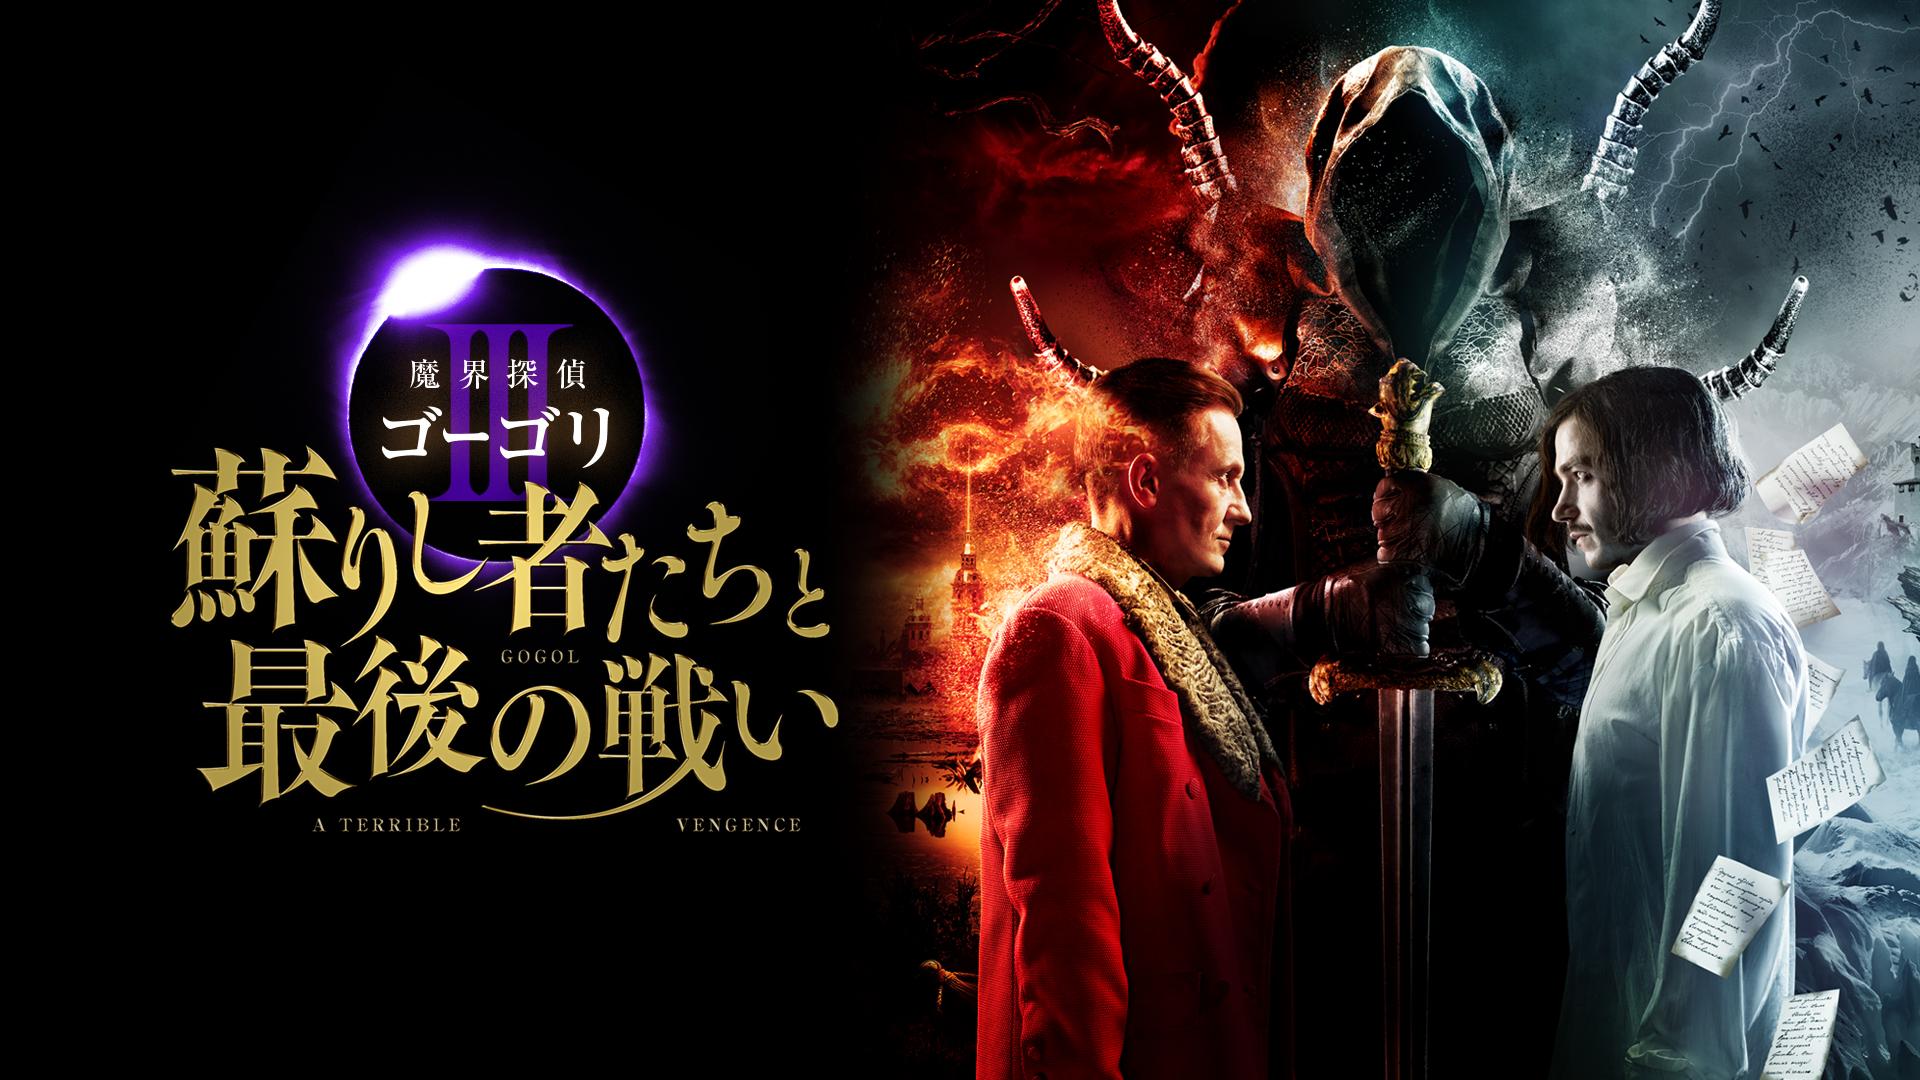 魔界探偵ゴーゴリIII 蘇りし者たちと最後の戦い(字幕版)